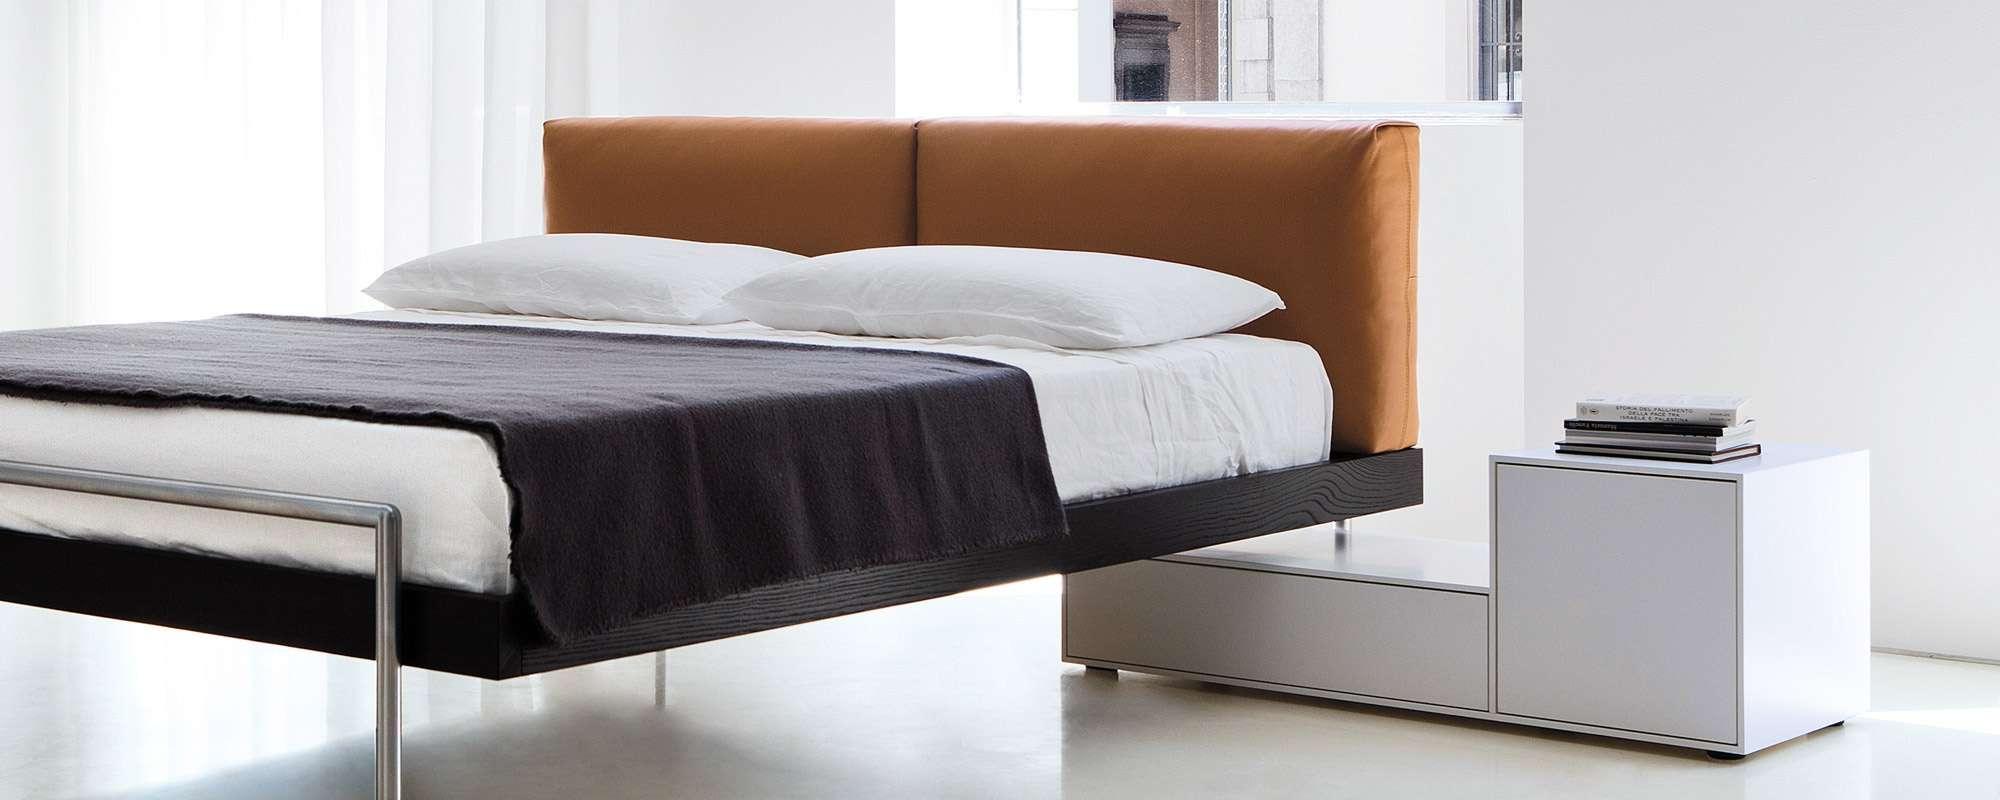 Sfera design porro furniture Truck